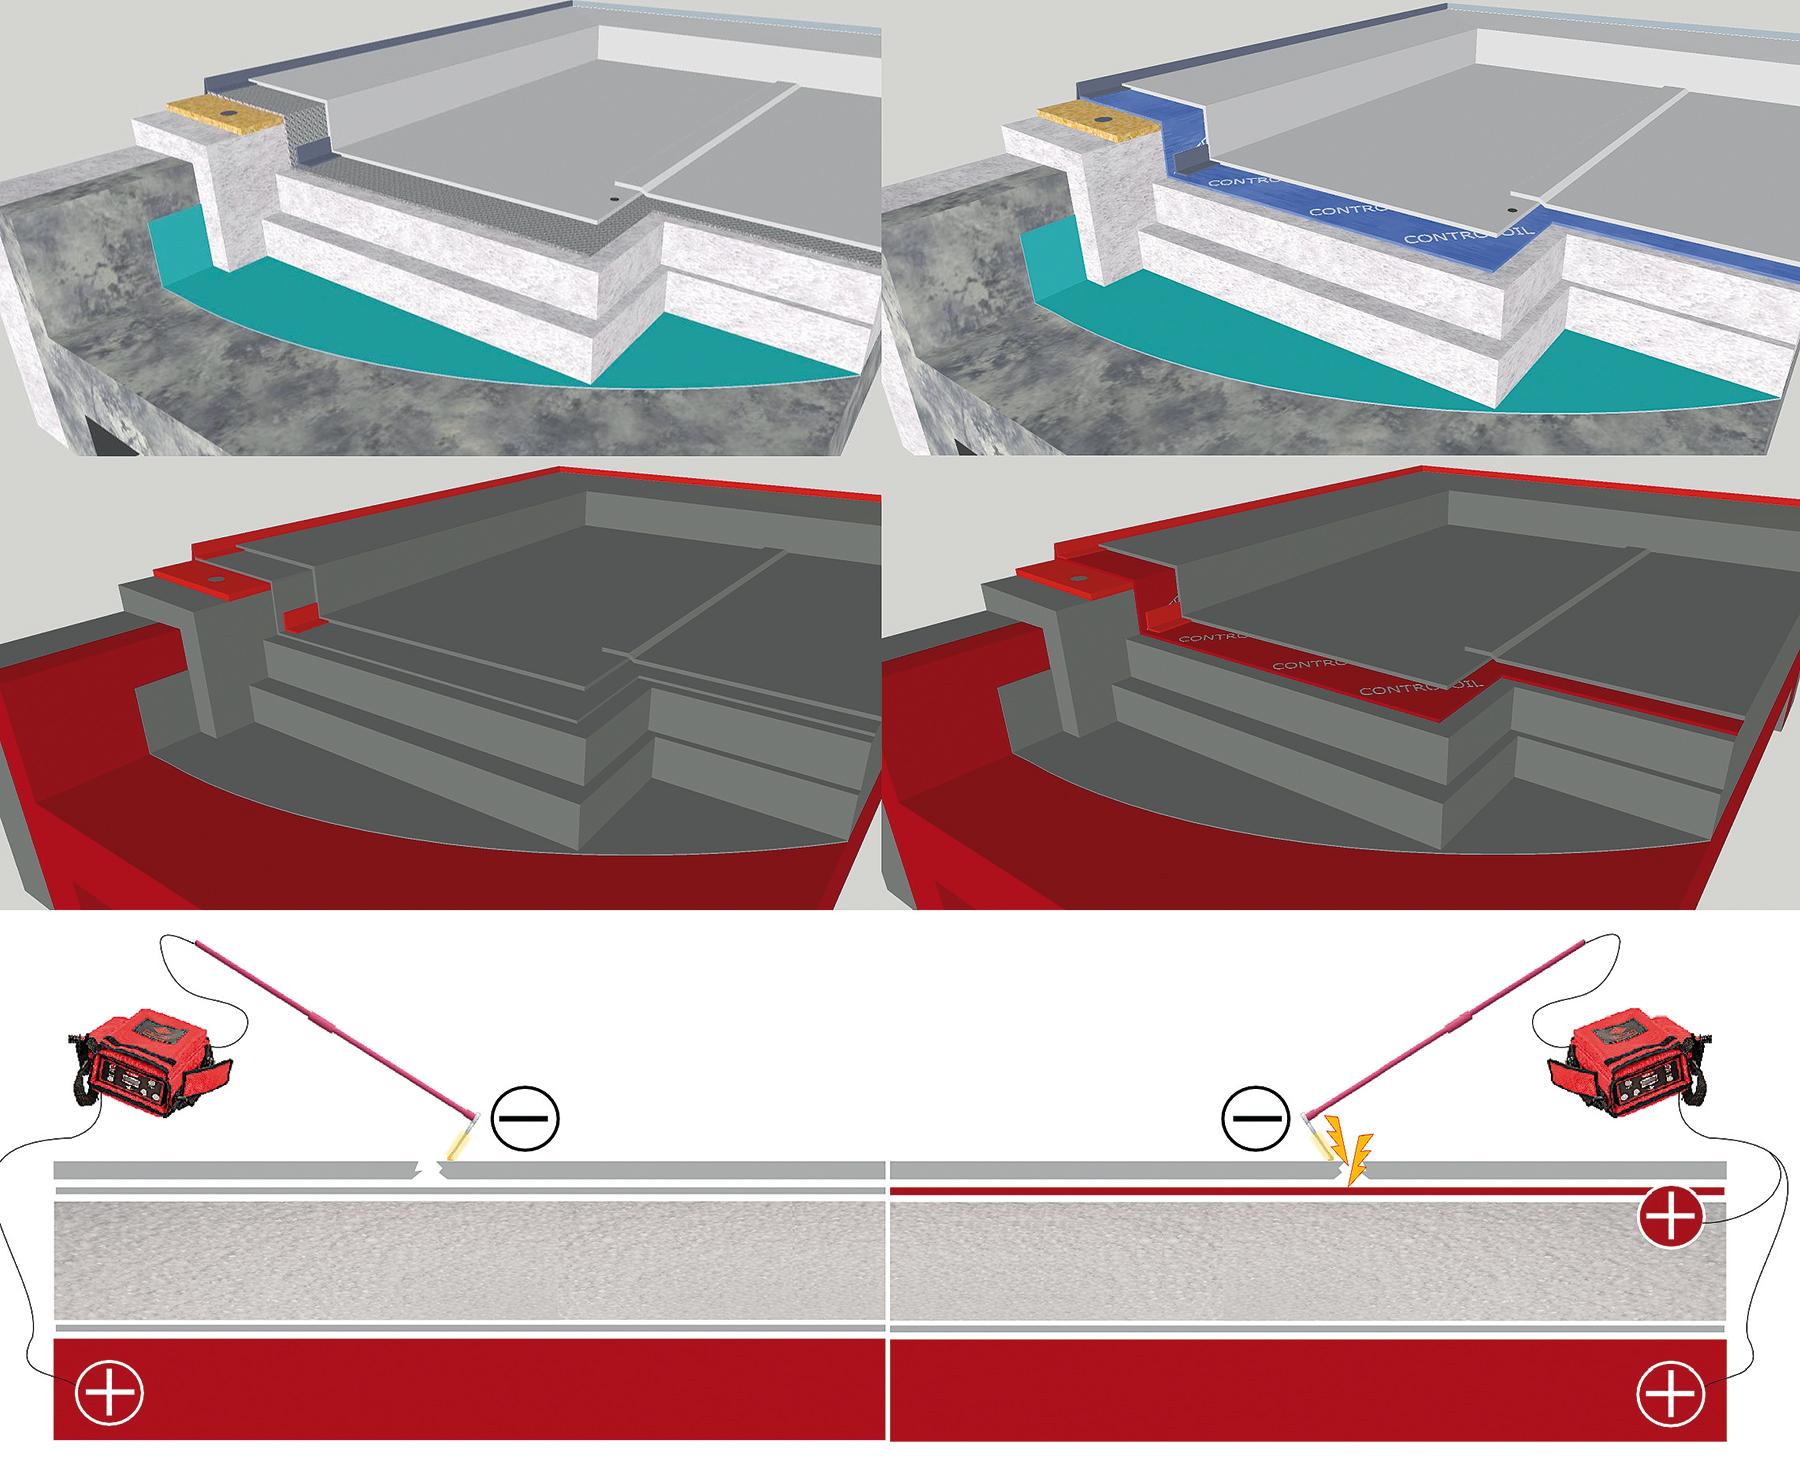 Obr. 2 Skladba plochej strechy a dostupnosť elektrického prúdu pod  povlakovou krytinou 9c2dfe9c386